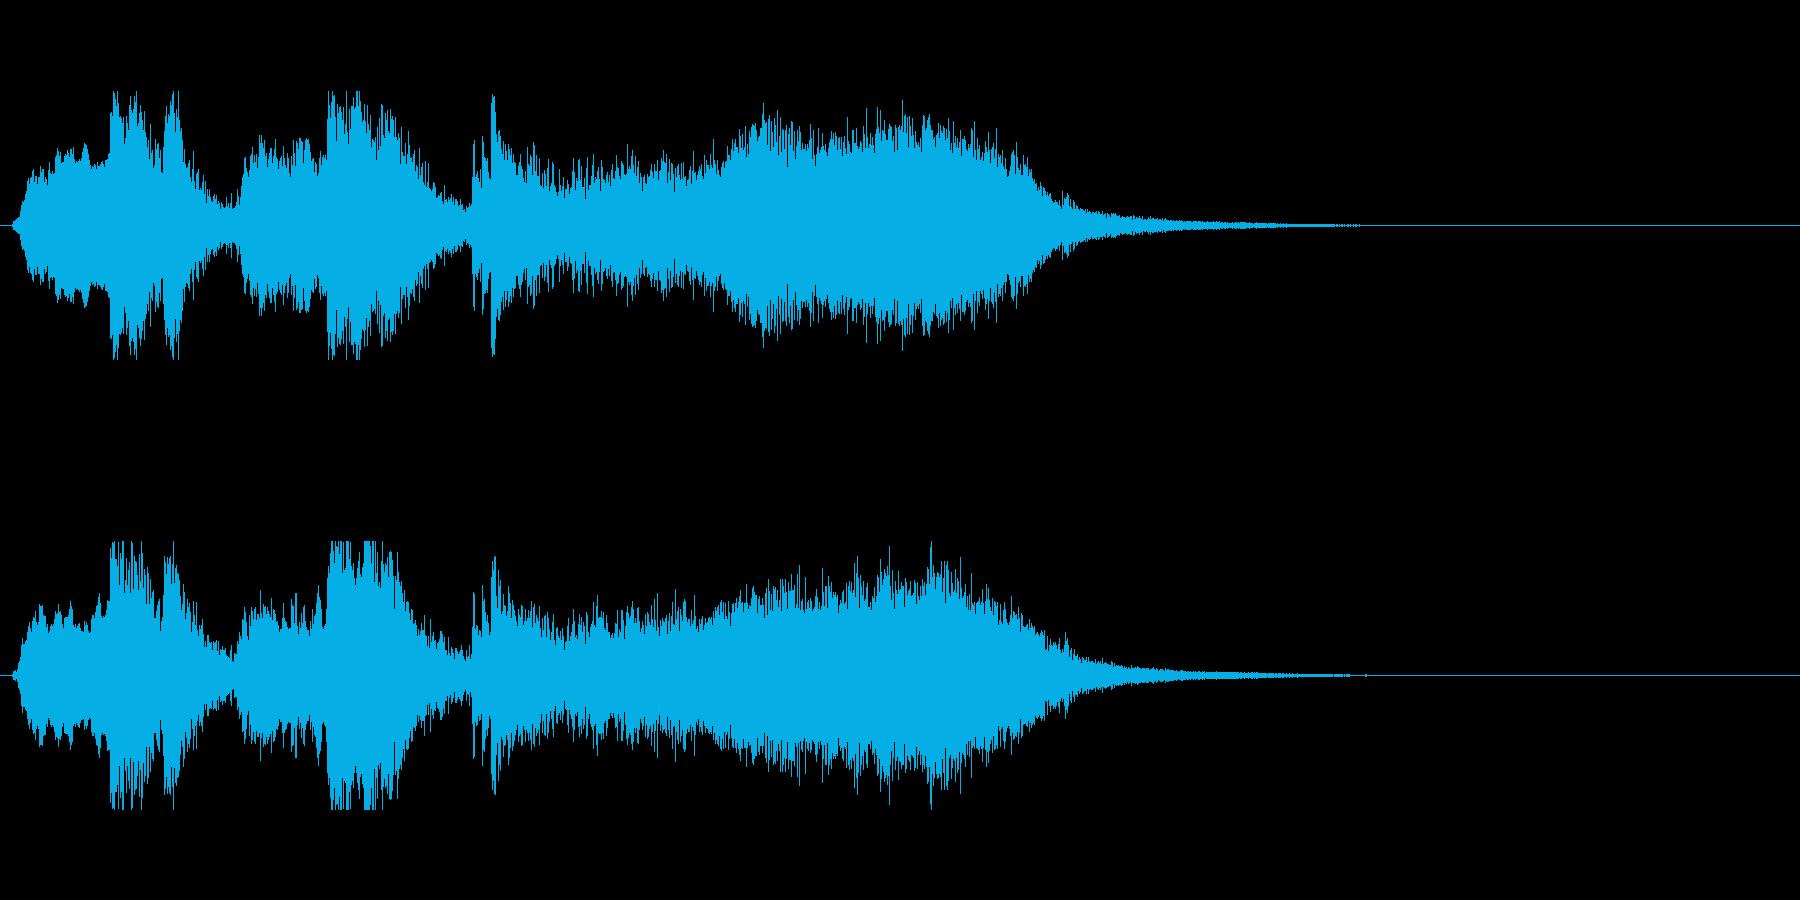 オーケストラ系ジングル01の再生済みの波形